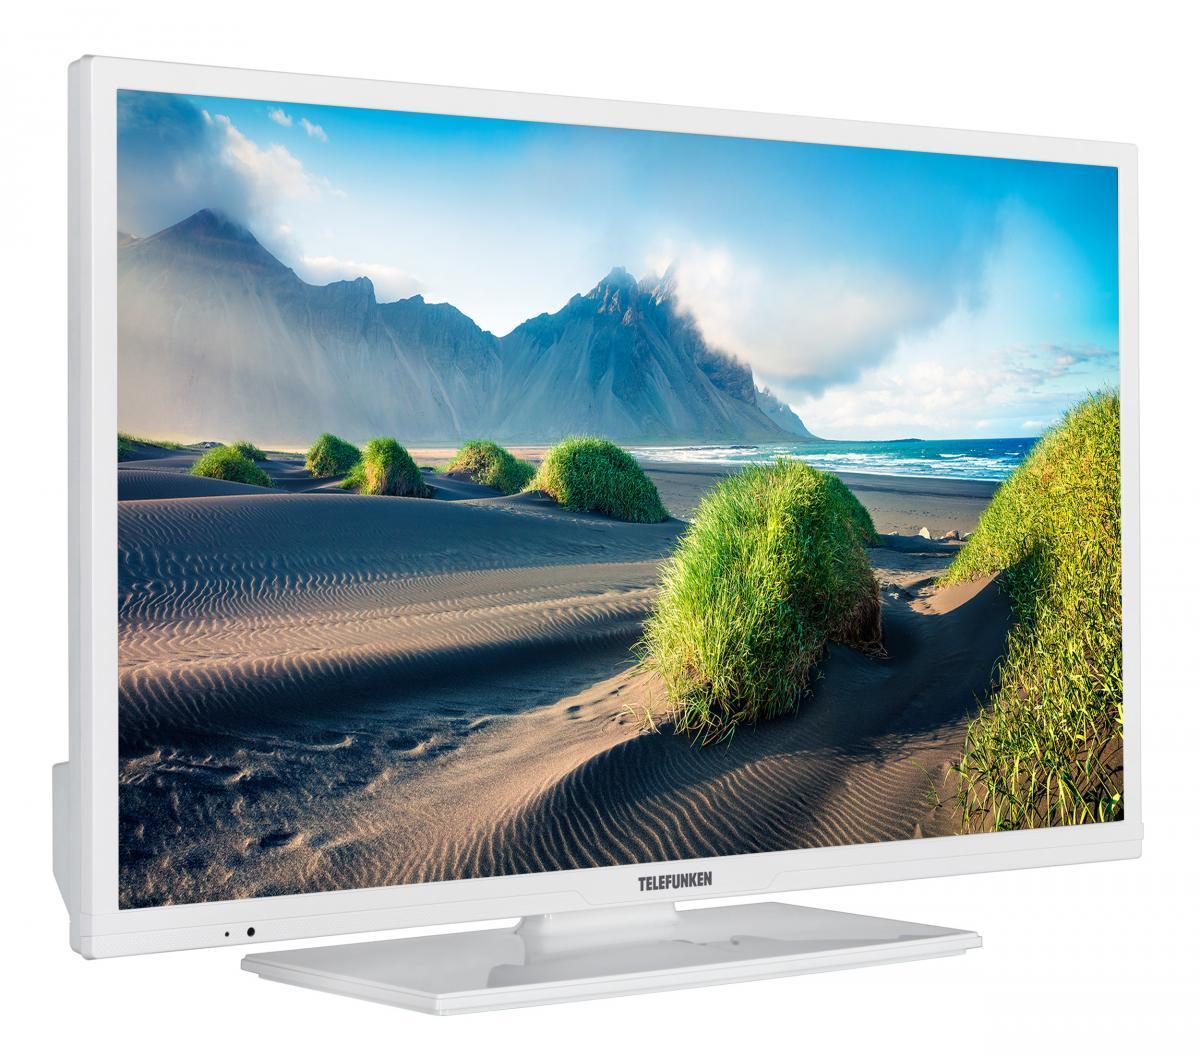 """Bild 2 von Telefunken LED TV 32"""" (81 cm)"""